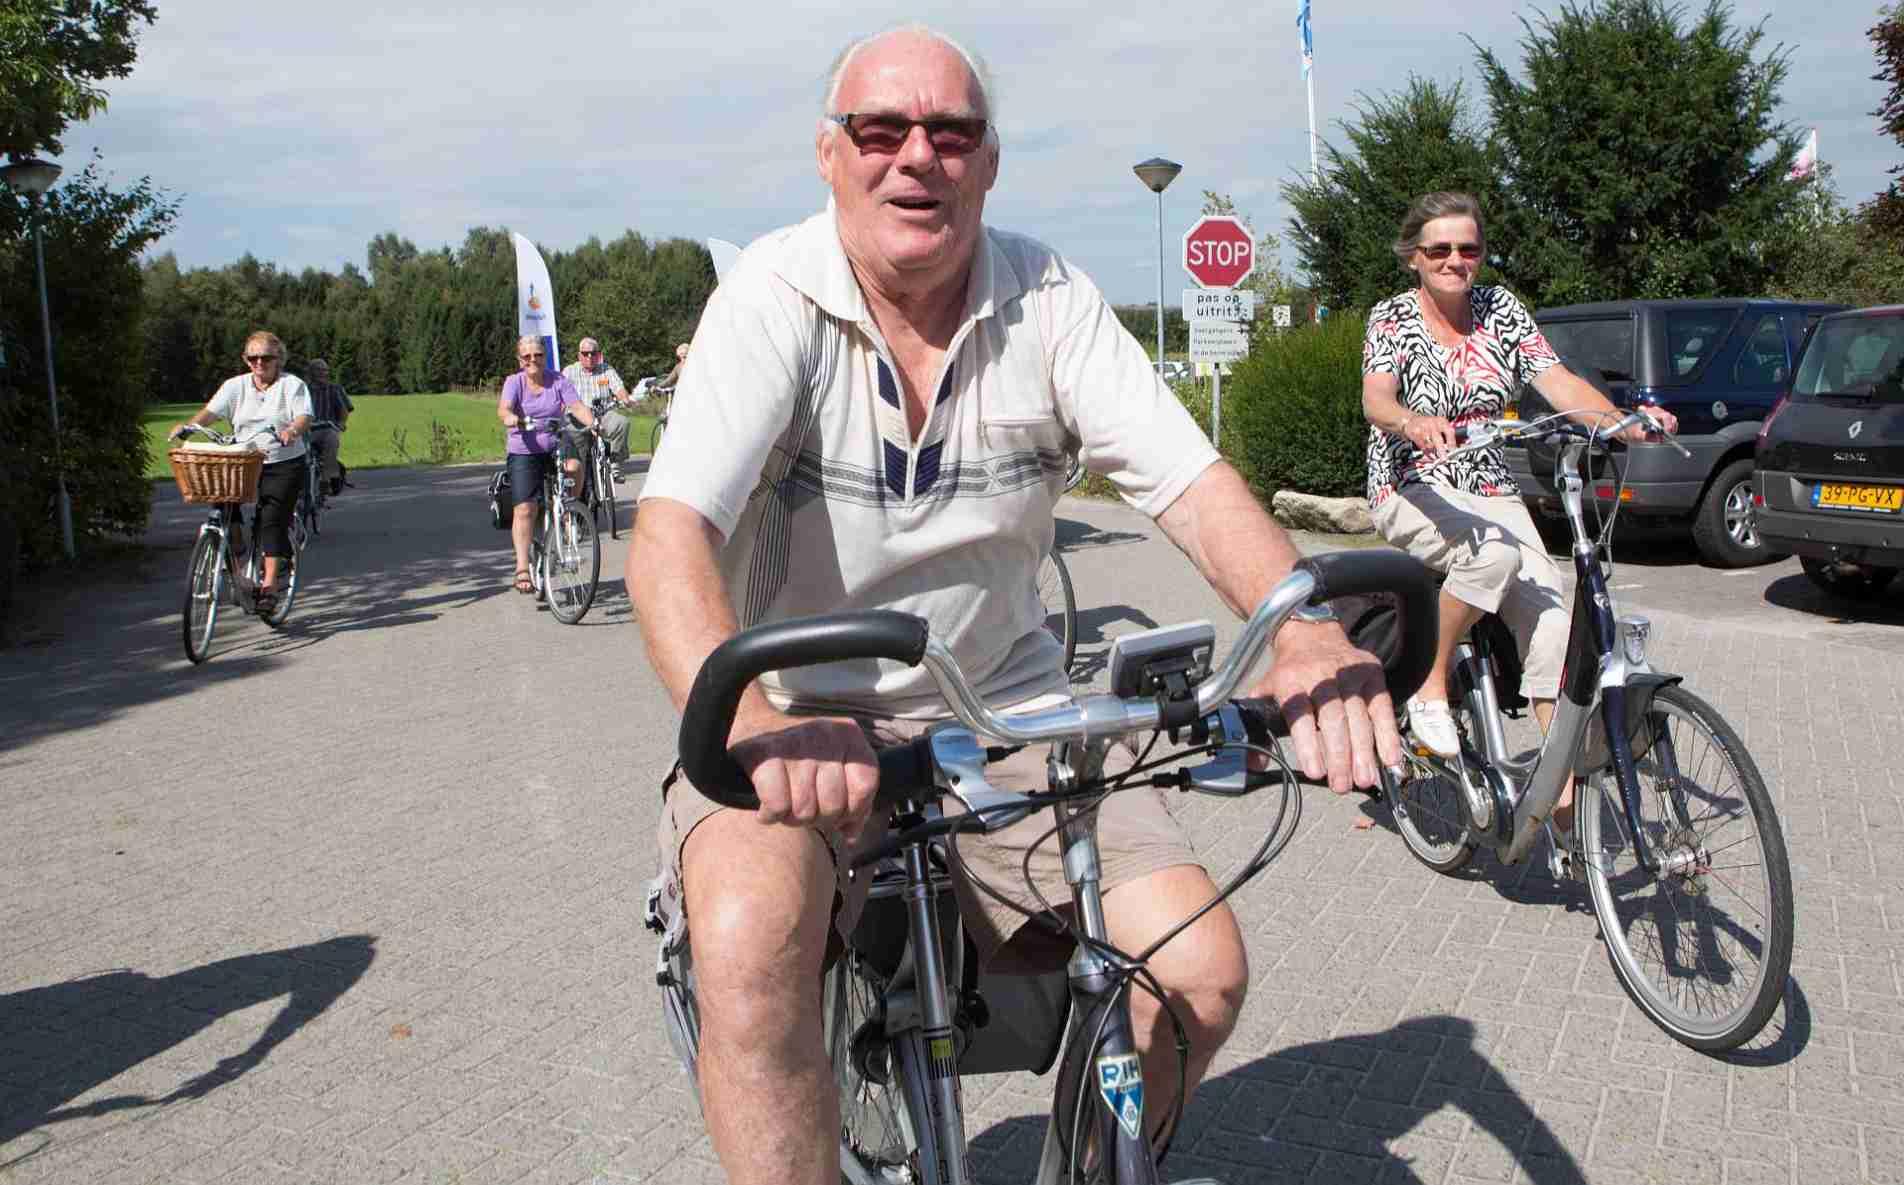 50 plus vakantie in Overijssel op een vijf sterren camping - 50 plus vakantie in het mooie overijssel